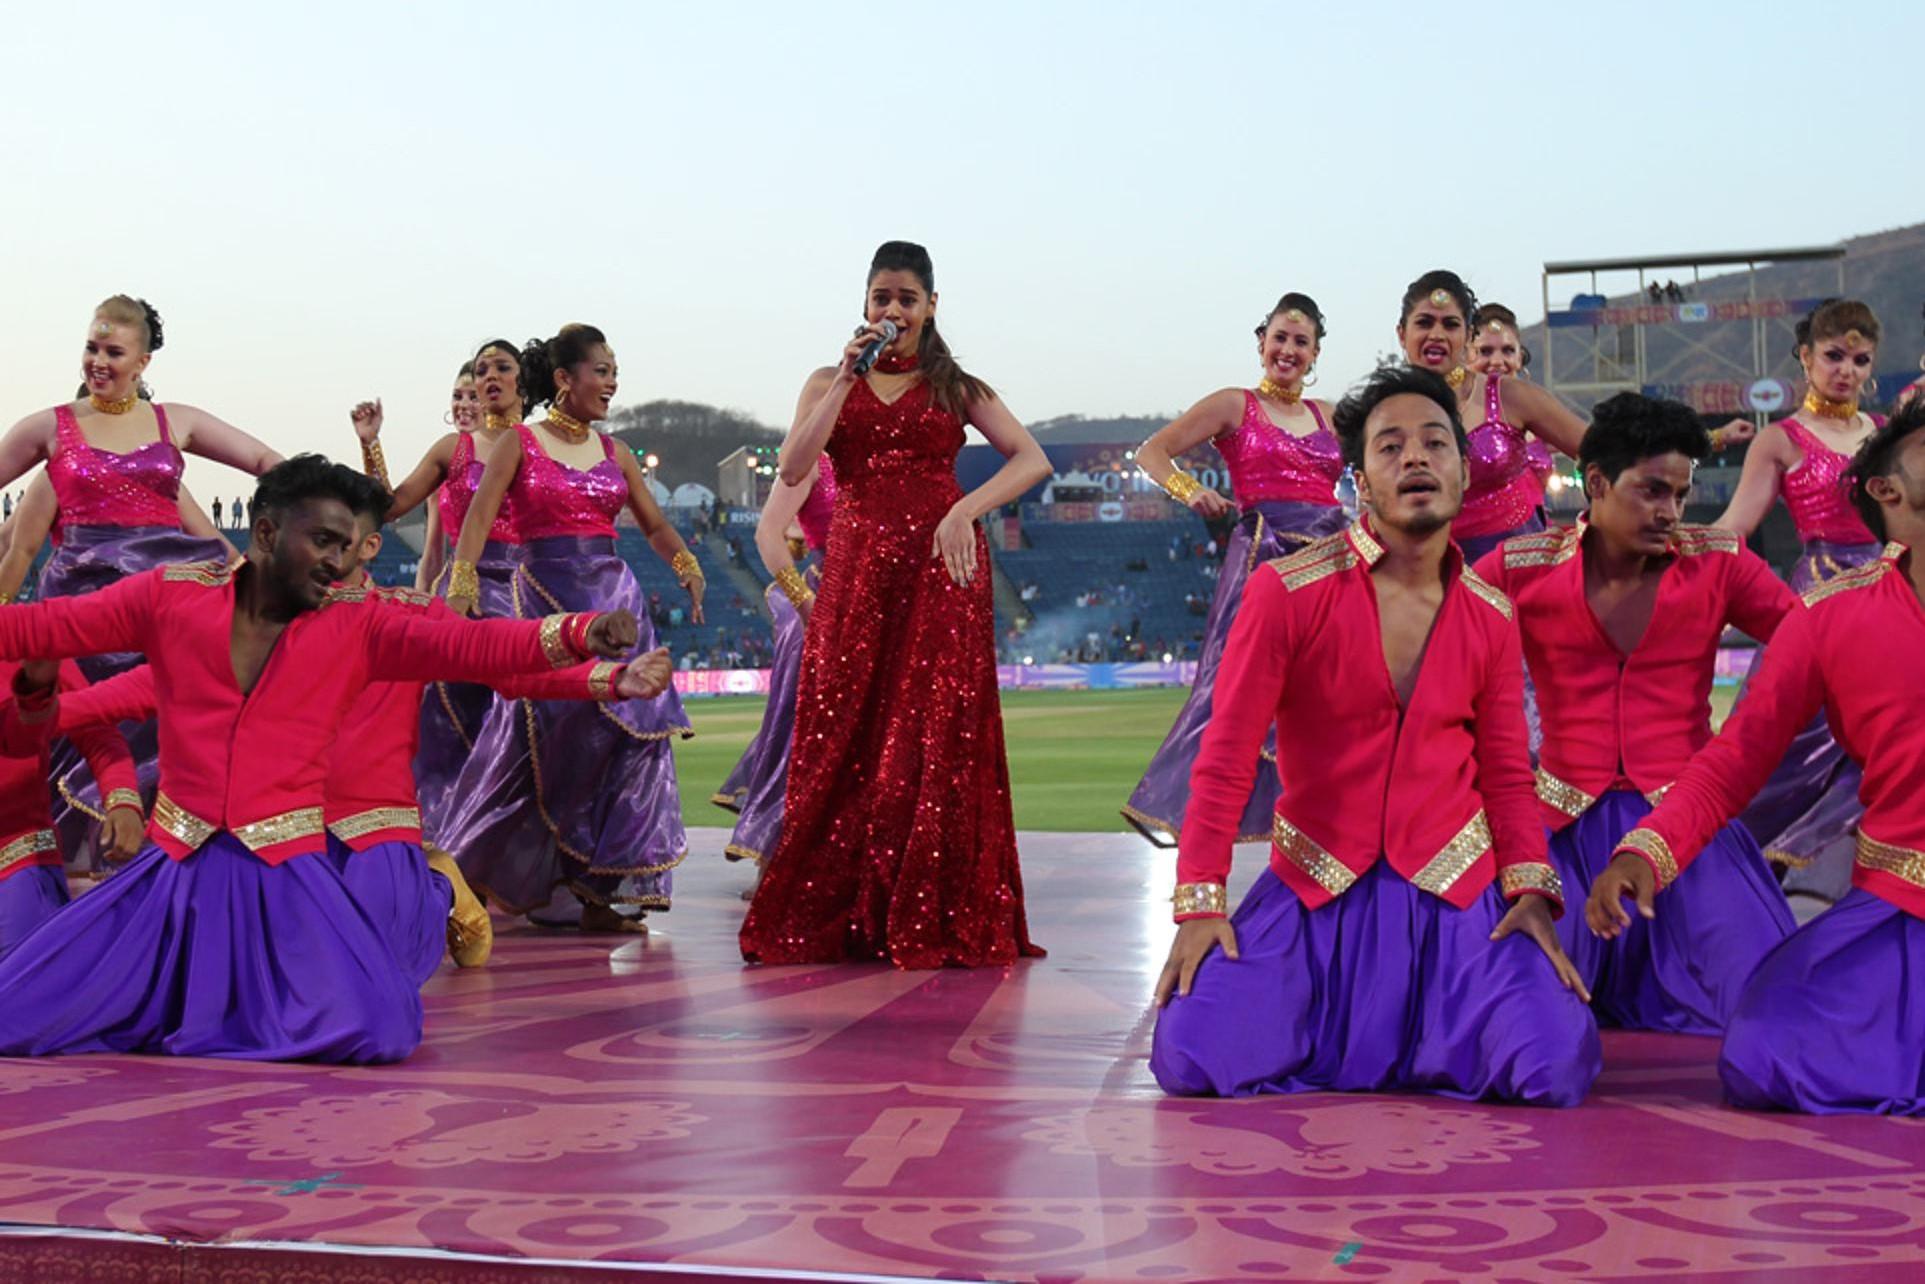 IPL 10: पुणे में हुई आईपीएल के दसवें सत्र की दूसरी जोरदार ओपनिंग सेरेमनी, तस्वीरों में देखे झलक 1